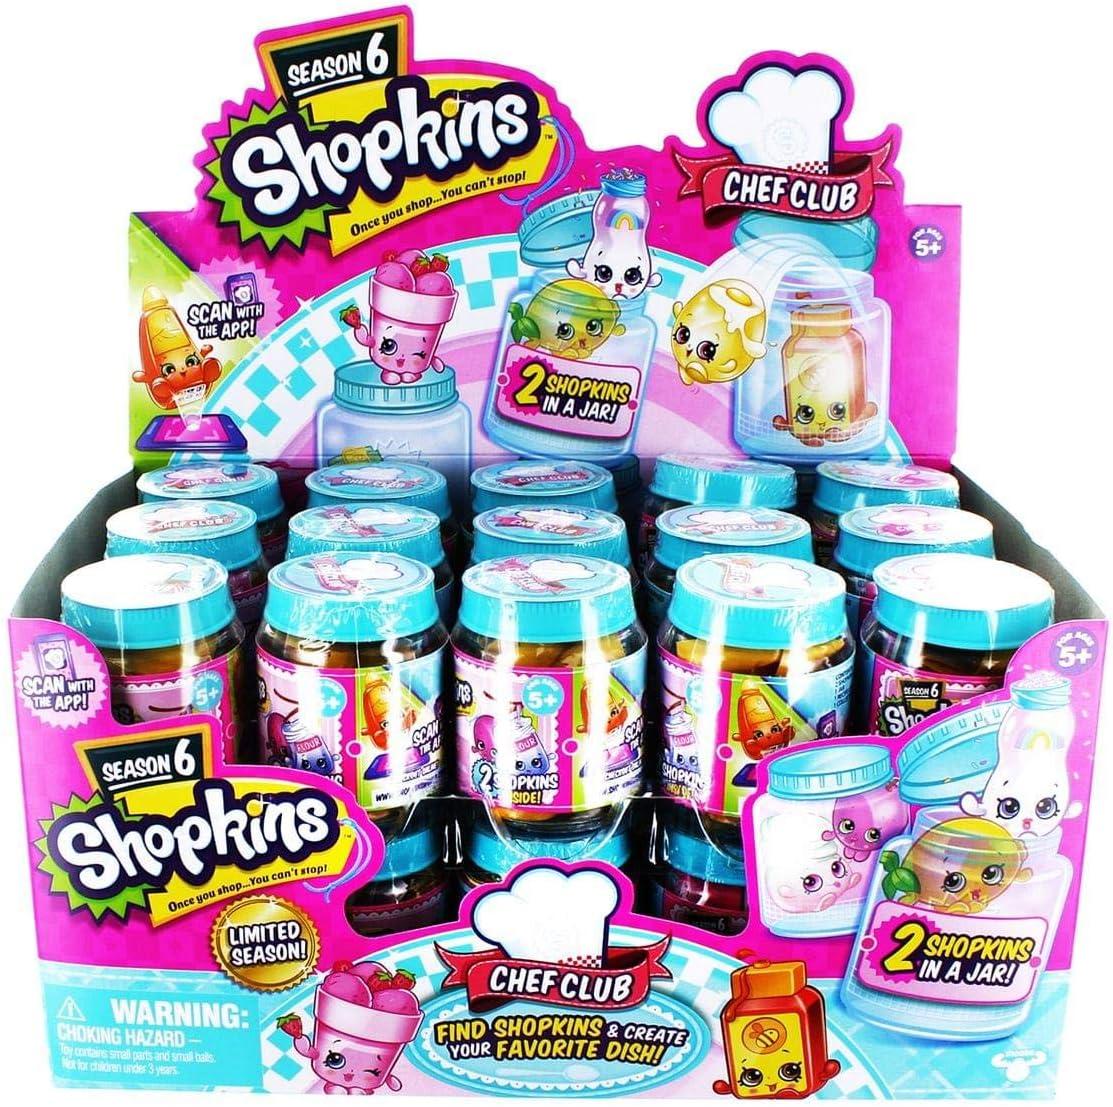 Vous ne pouvez pas arrêter de nouveau Shopkins chef Club 5 Pack Série 6-Une fois vos achats..